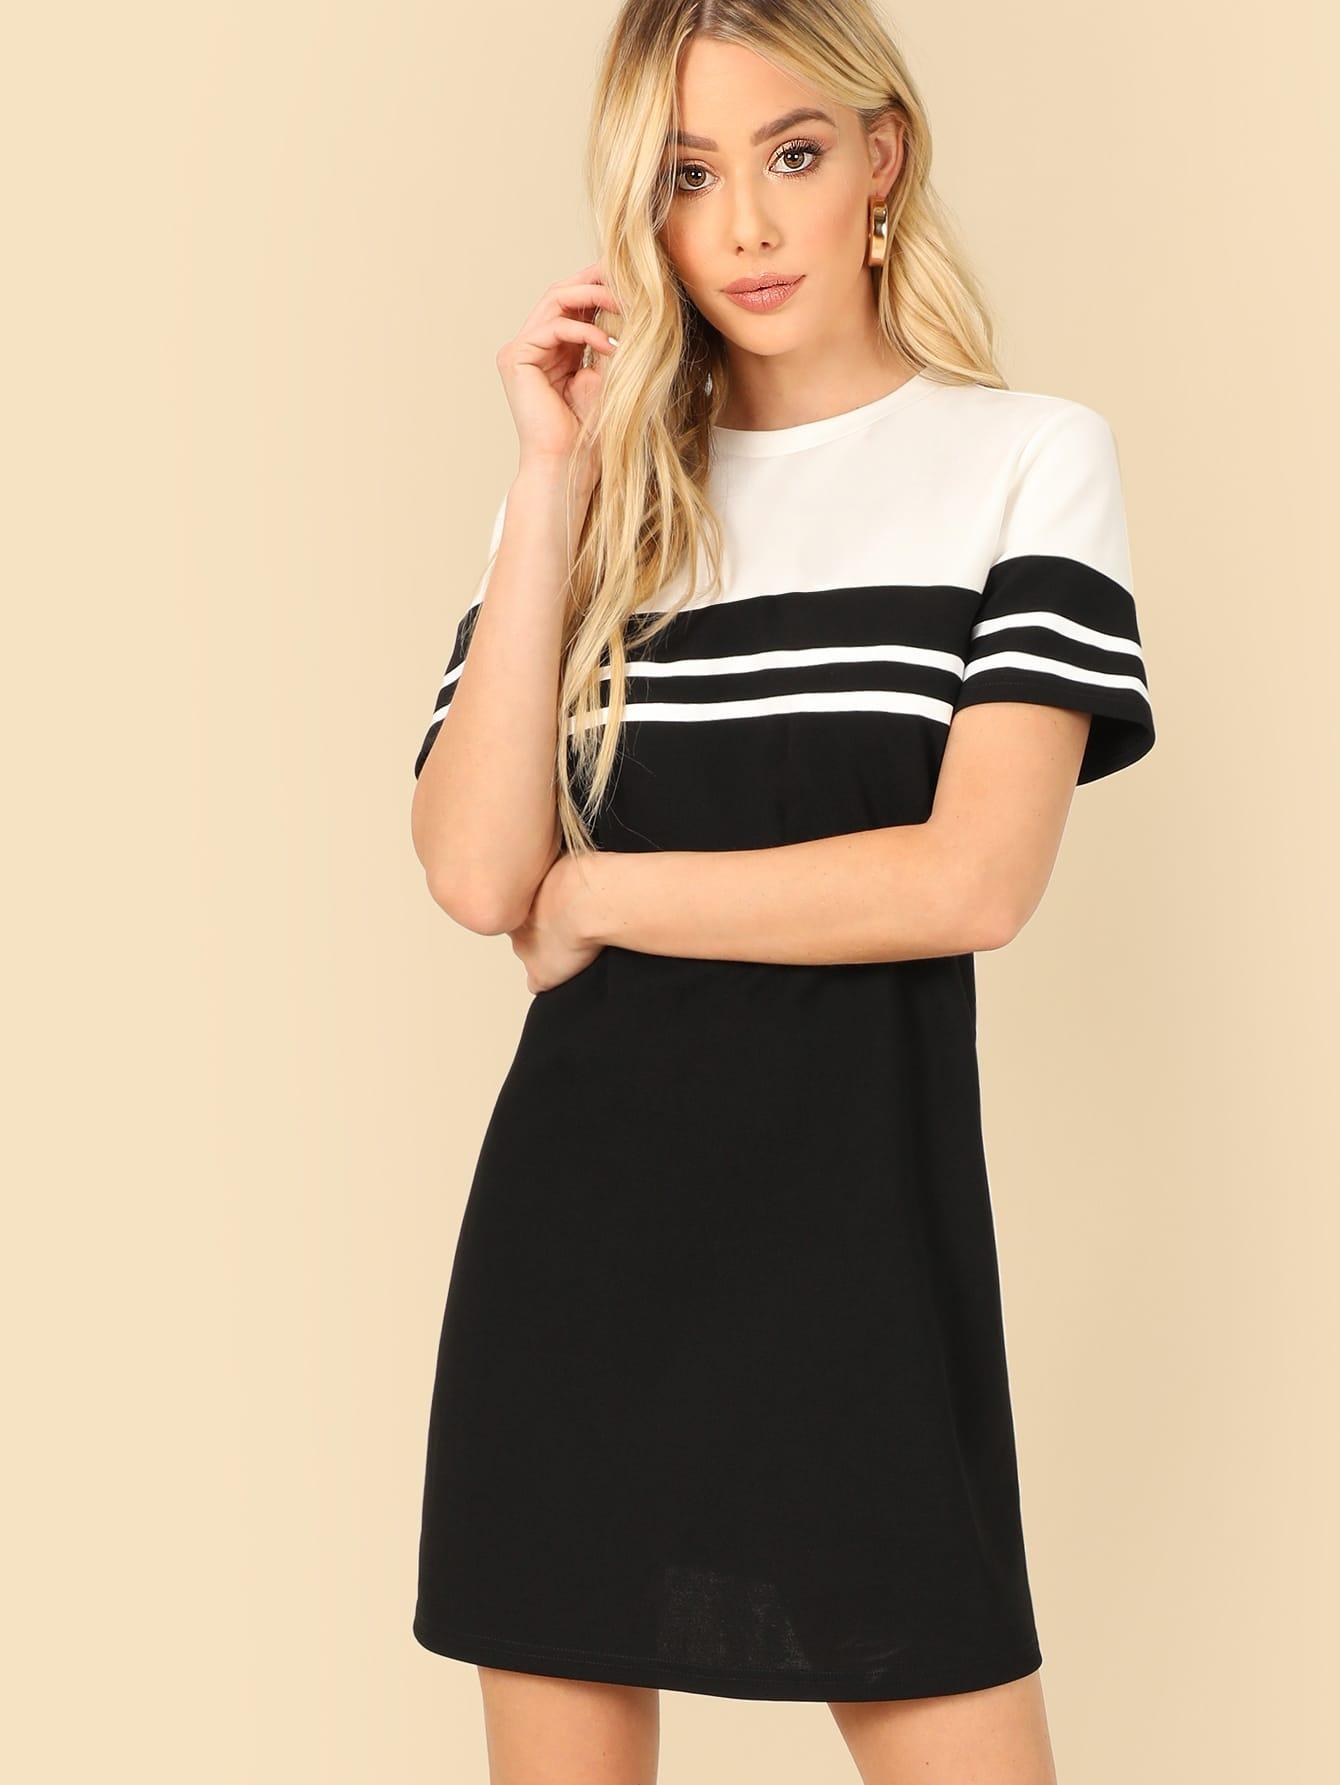 Купить Двухцветная полосатая футболка-платье, Celeste Bright, SheIn